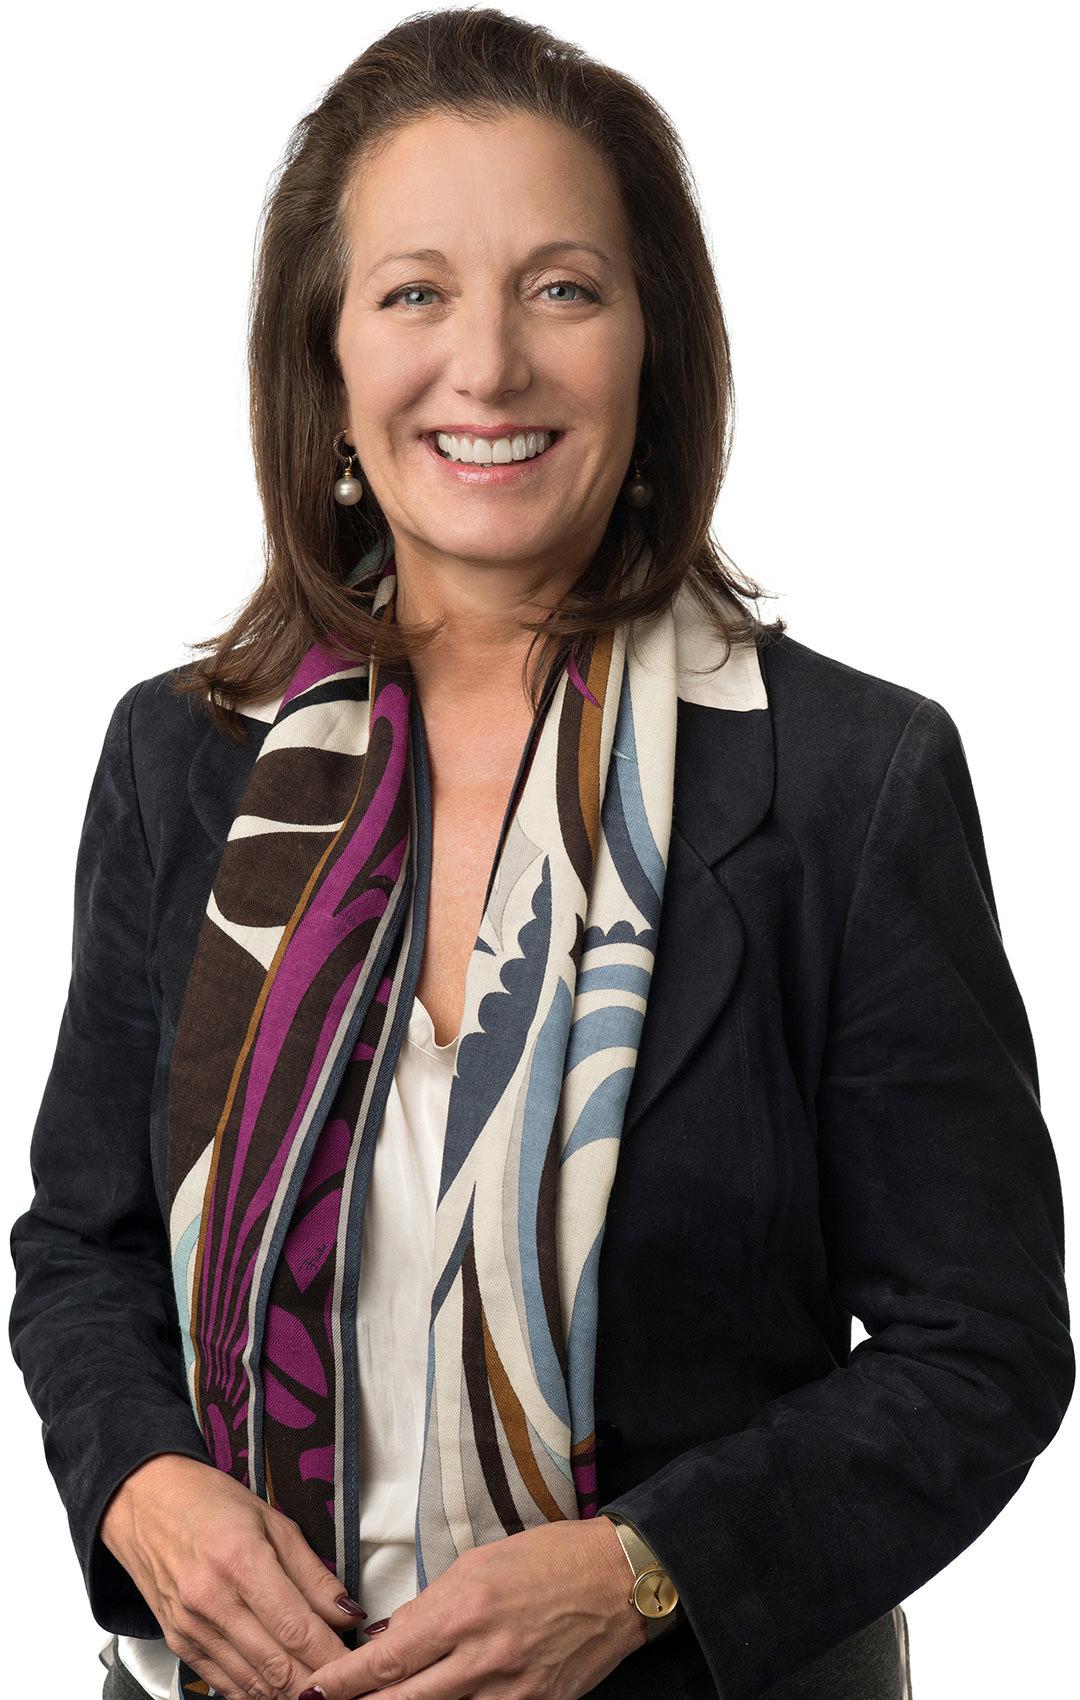 Valerie P. Morrison